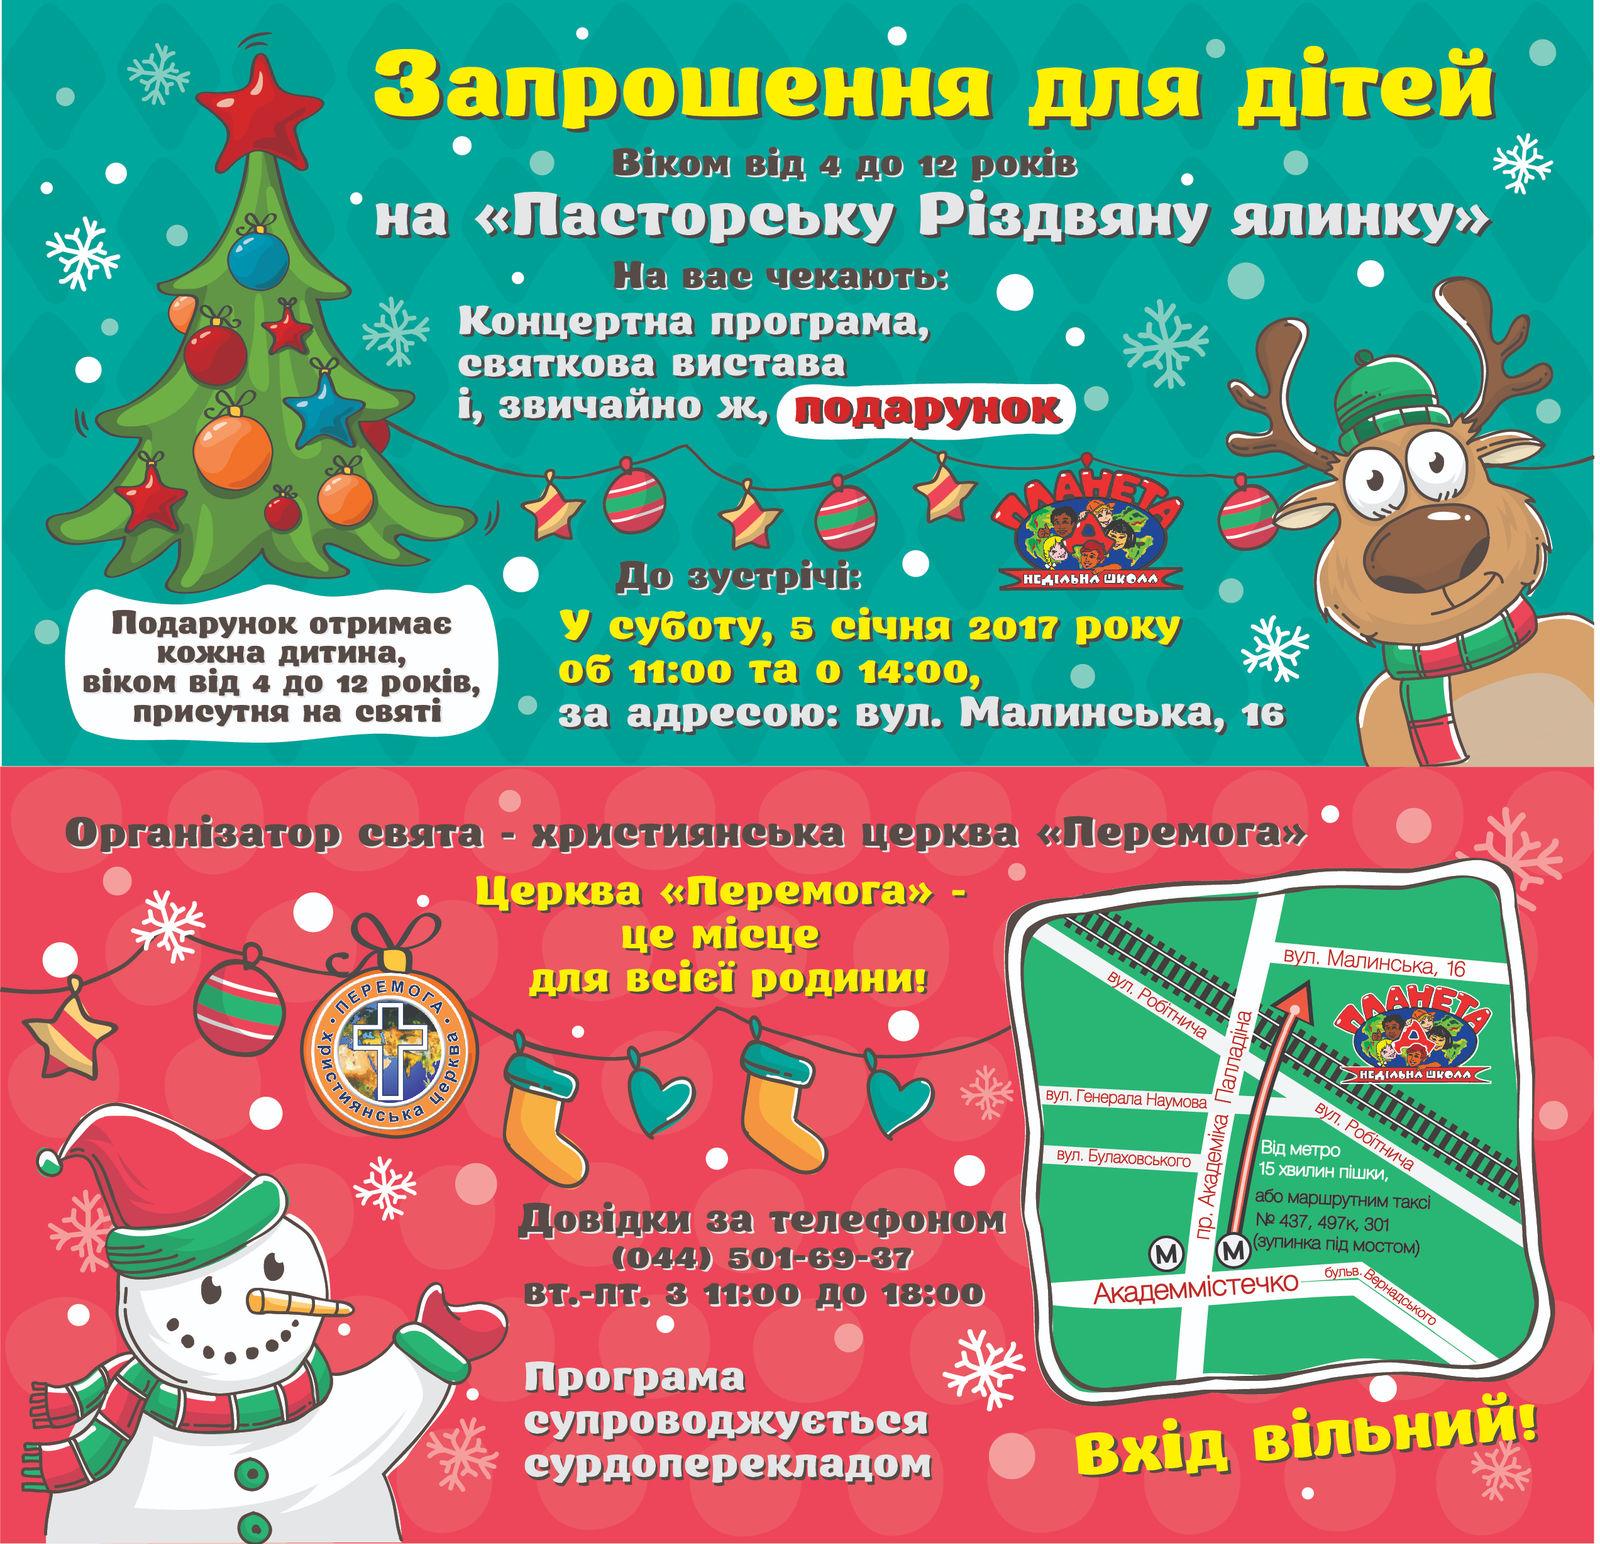 В субботу 5 января приглашаем детей 4-12 лет на празднование Рождества Христового!